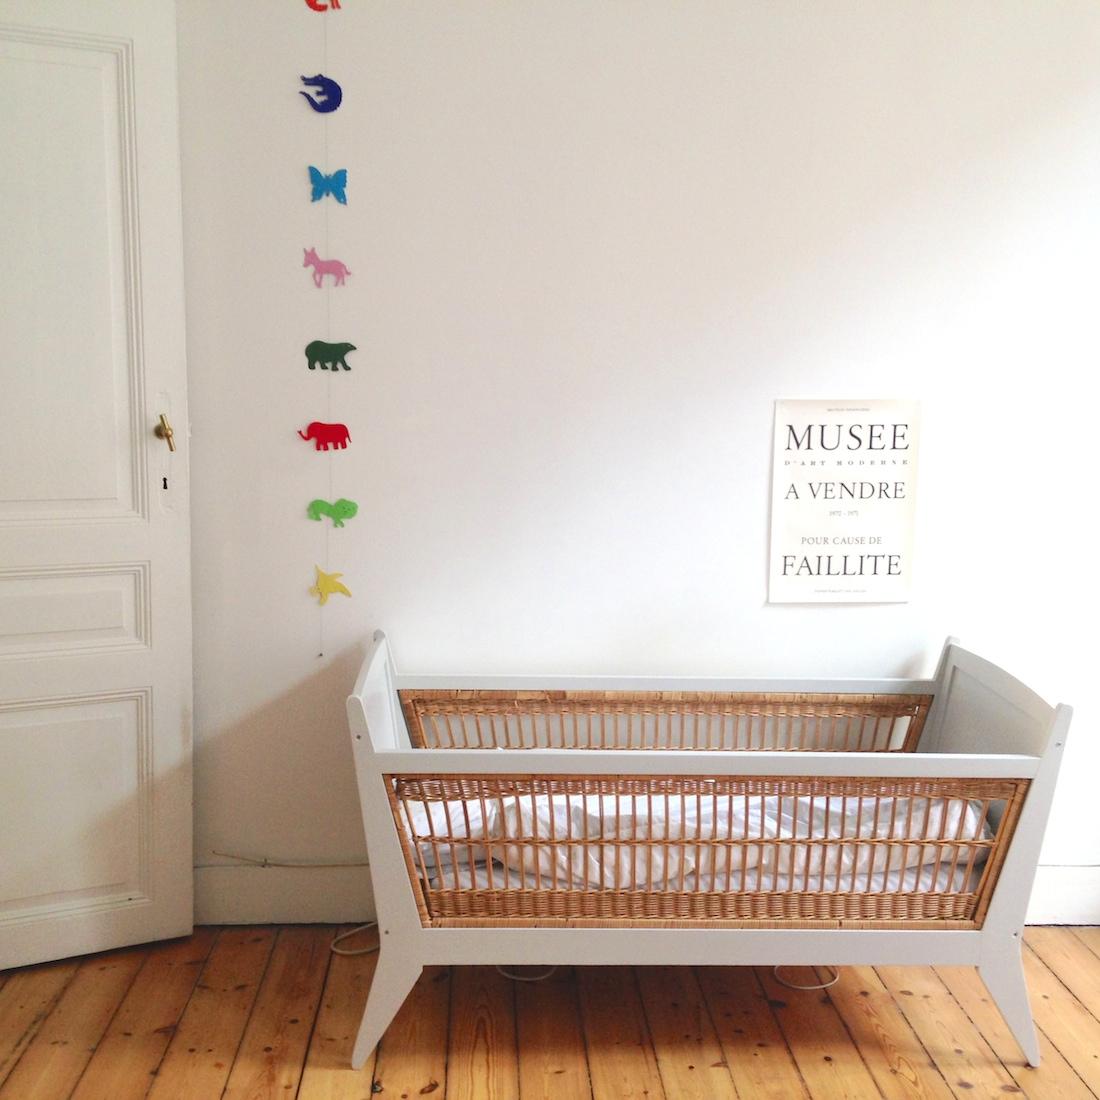 lit b b rotin et bois la maison bruxelloise. Black Bedroom Furniture Sets. Home Design Ideas